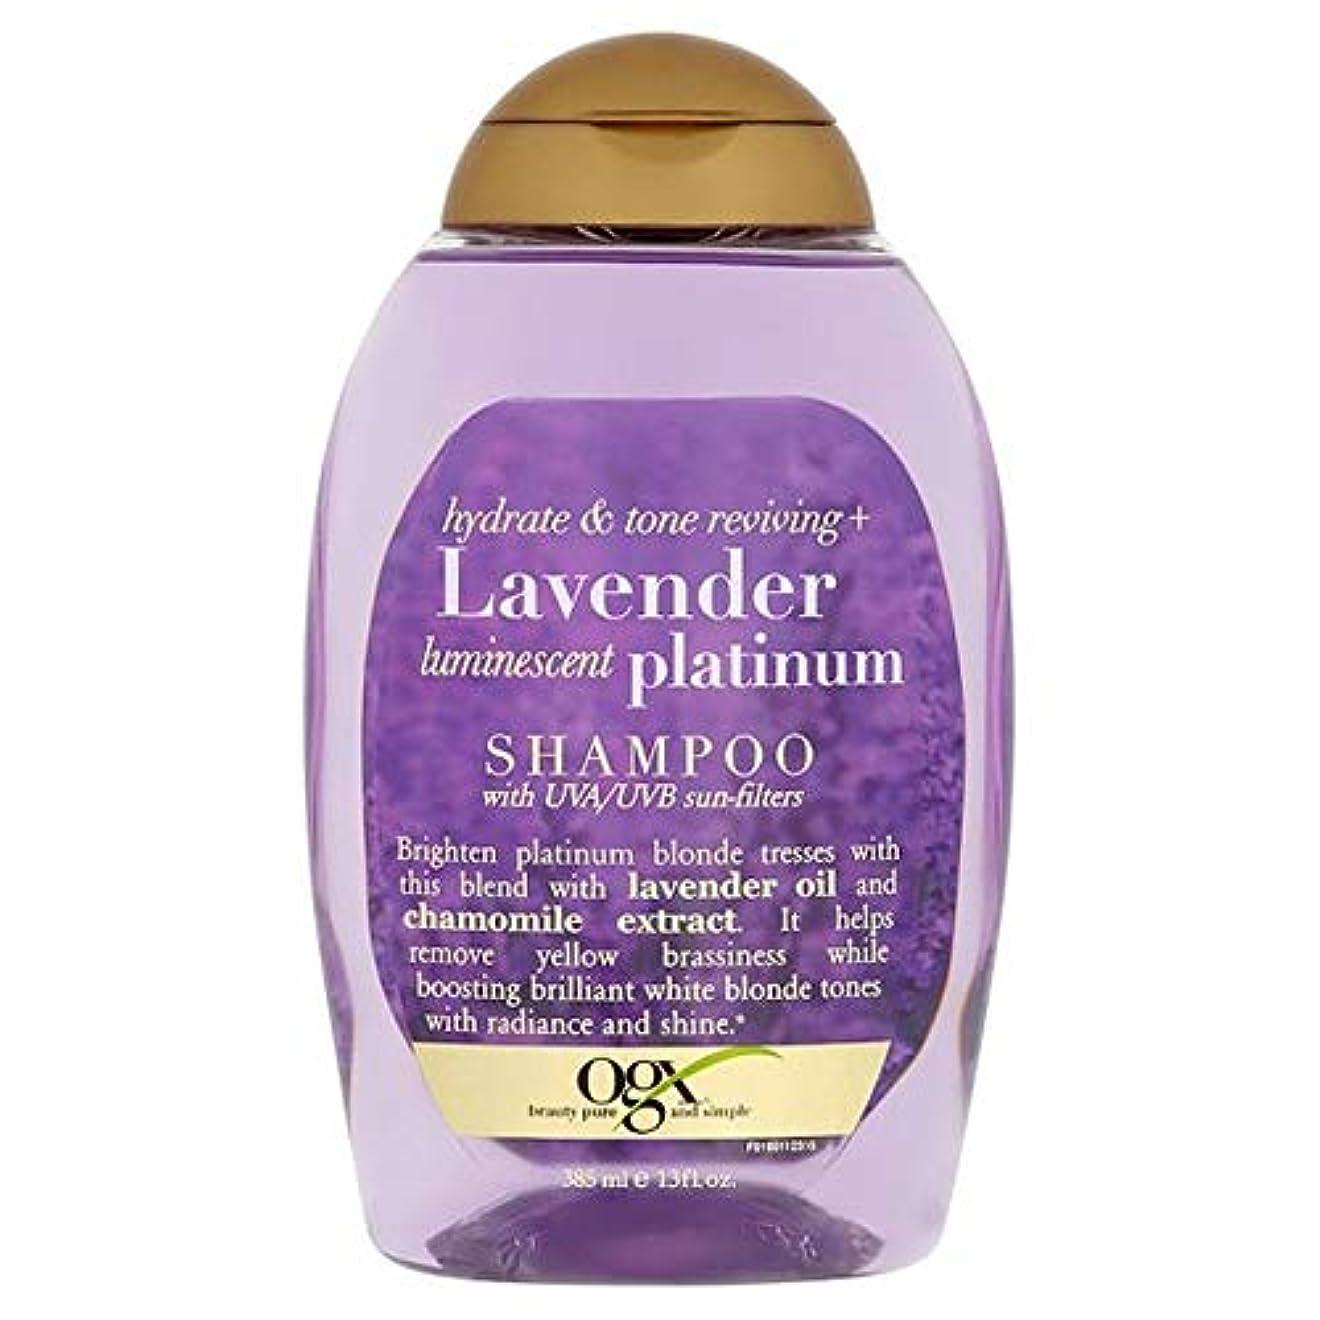 用心深い古代詩[Ogx] Ogxラベンダーシャンプー385ミリリットル - Ogx Lavender Shampoo 385Ml [並行輸入品]